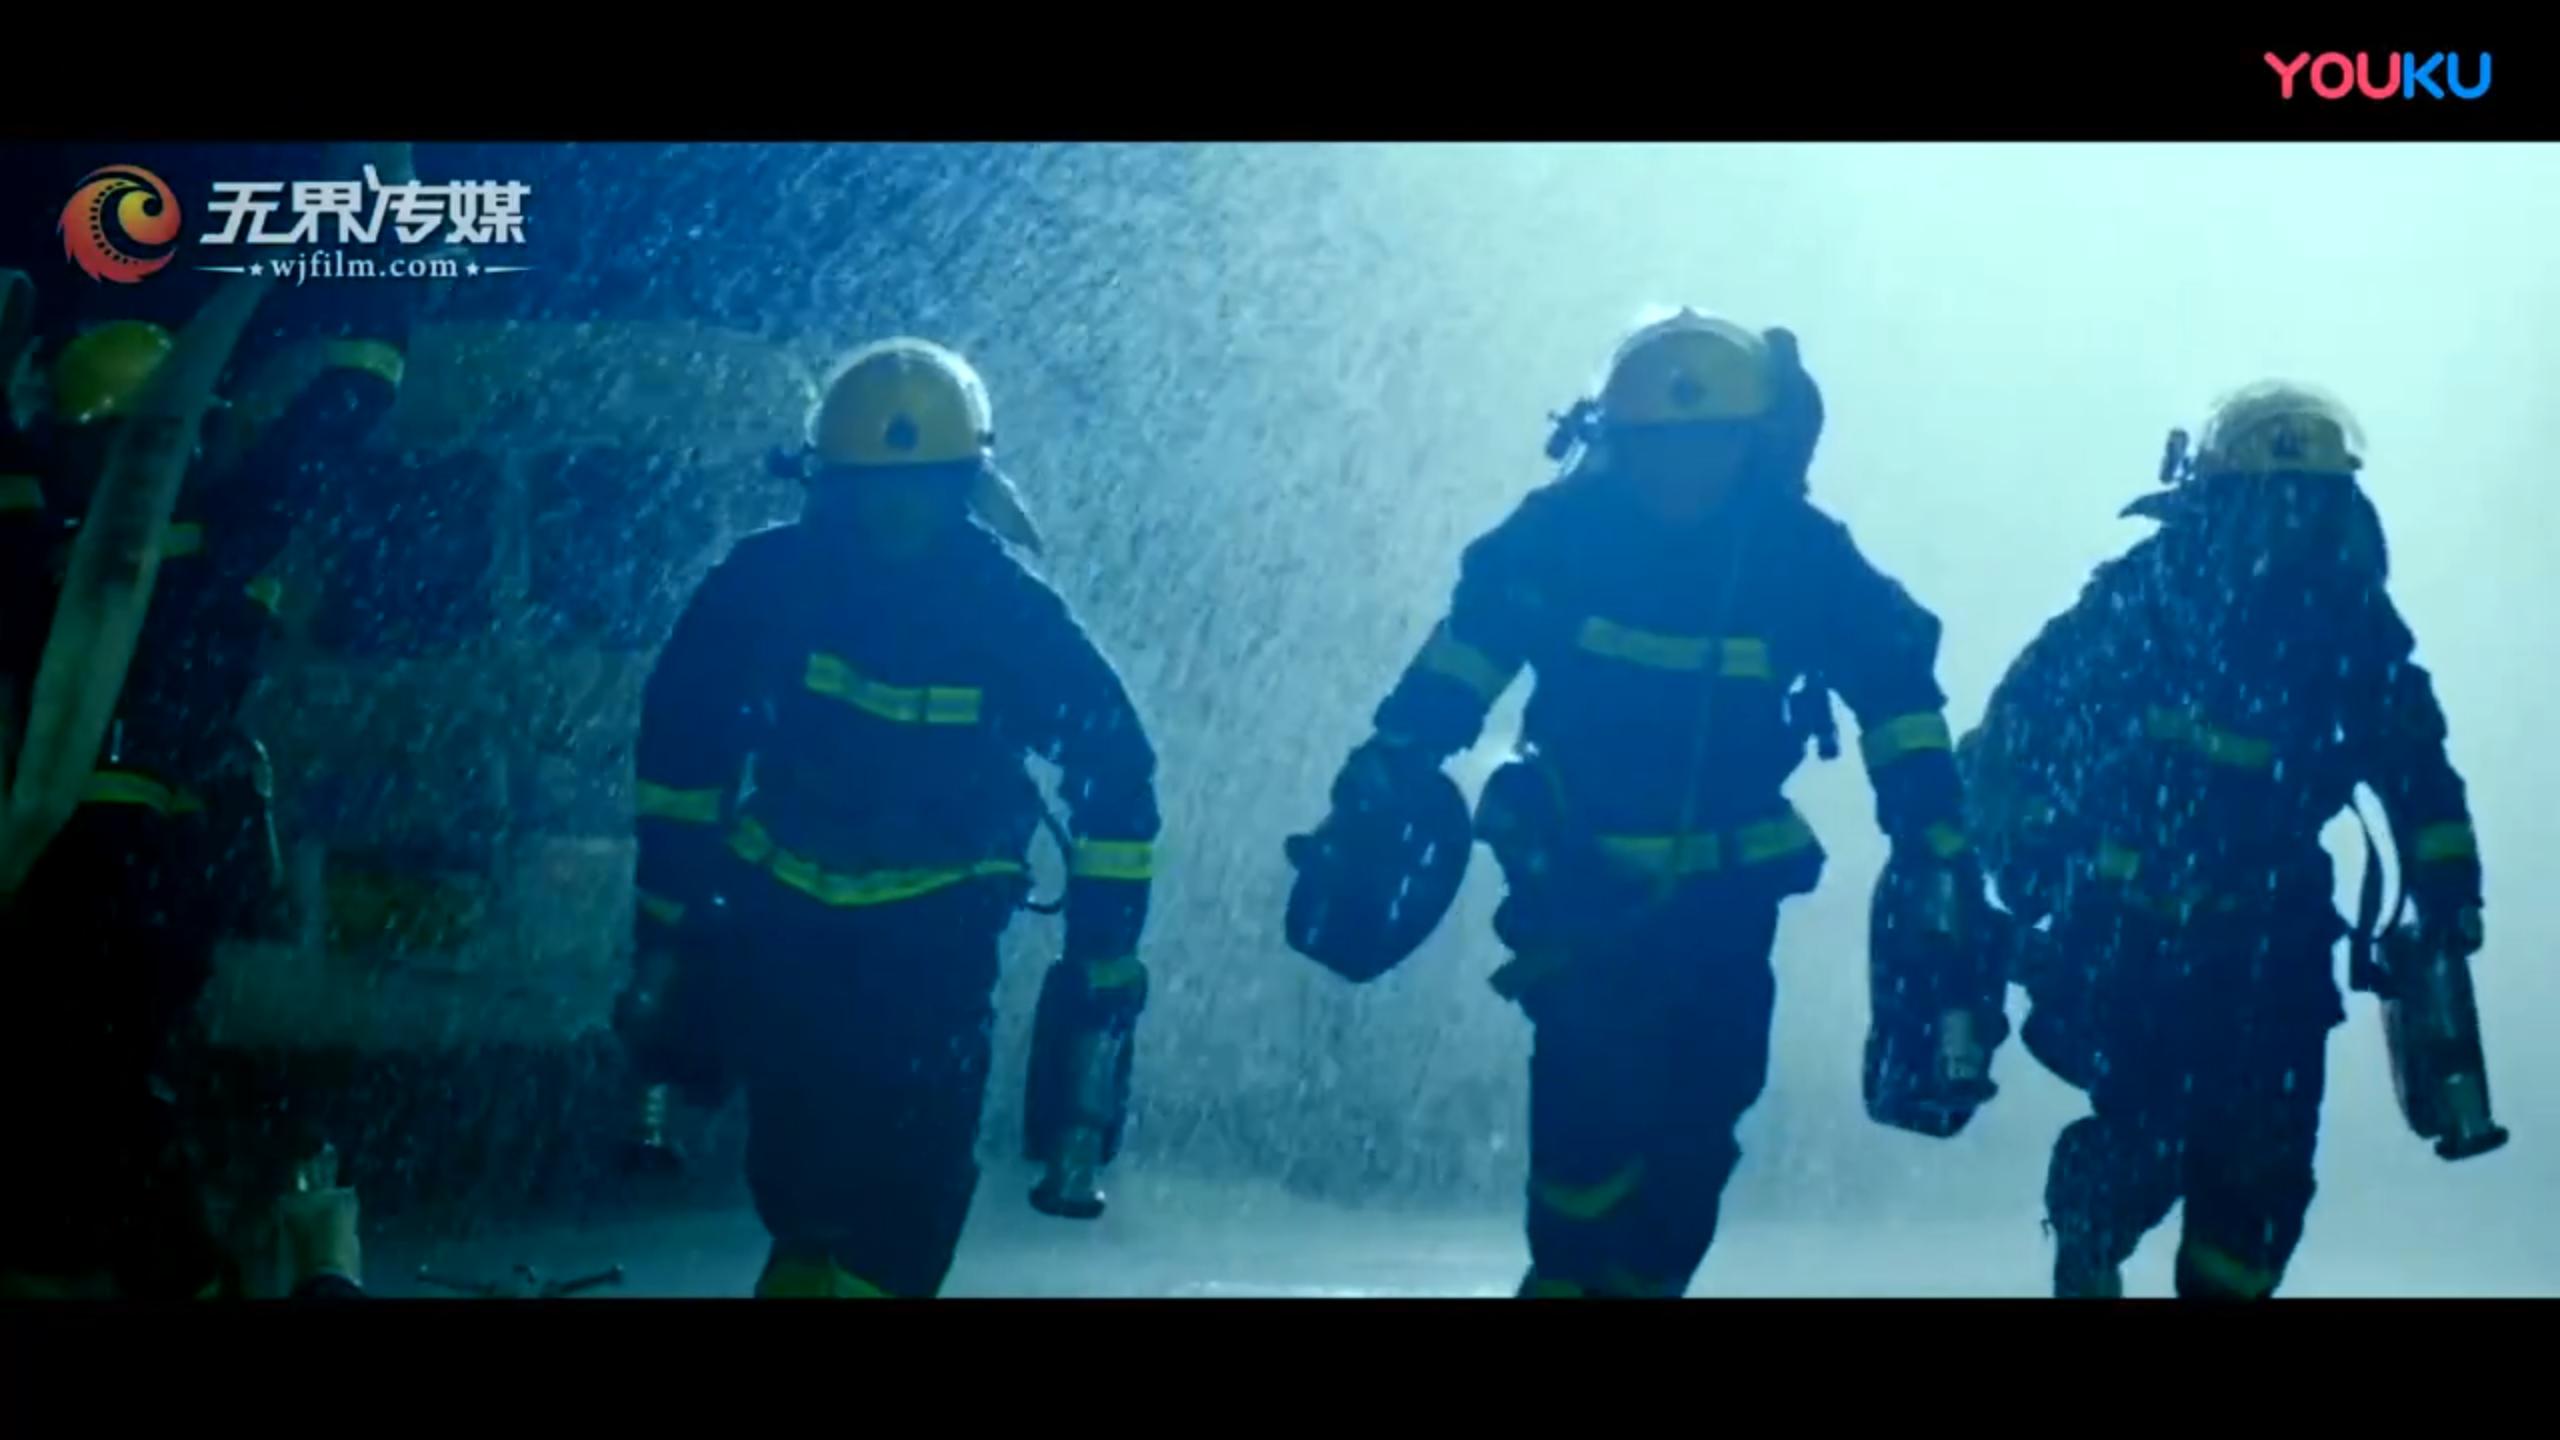 消防形象宣传片《铁军火焰蓝 浴火铸丰碑》